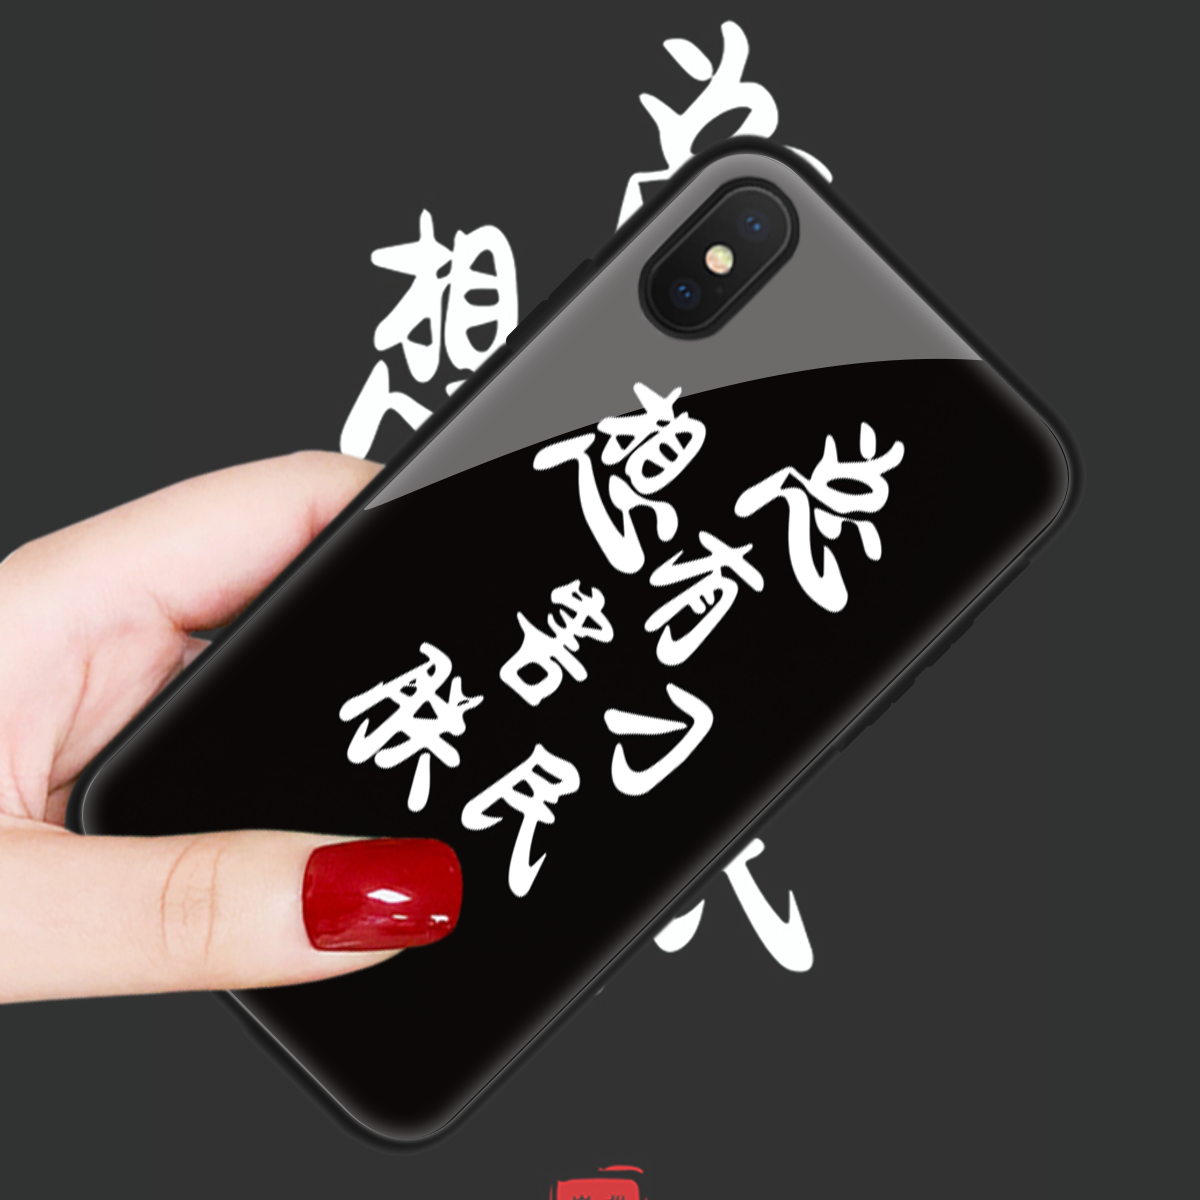 创意文字 iPhone系列手机壳玻璃壳可DIY来图定制